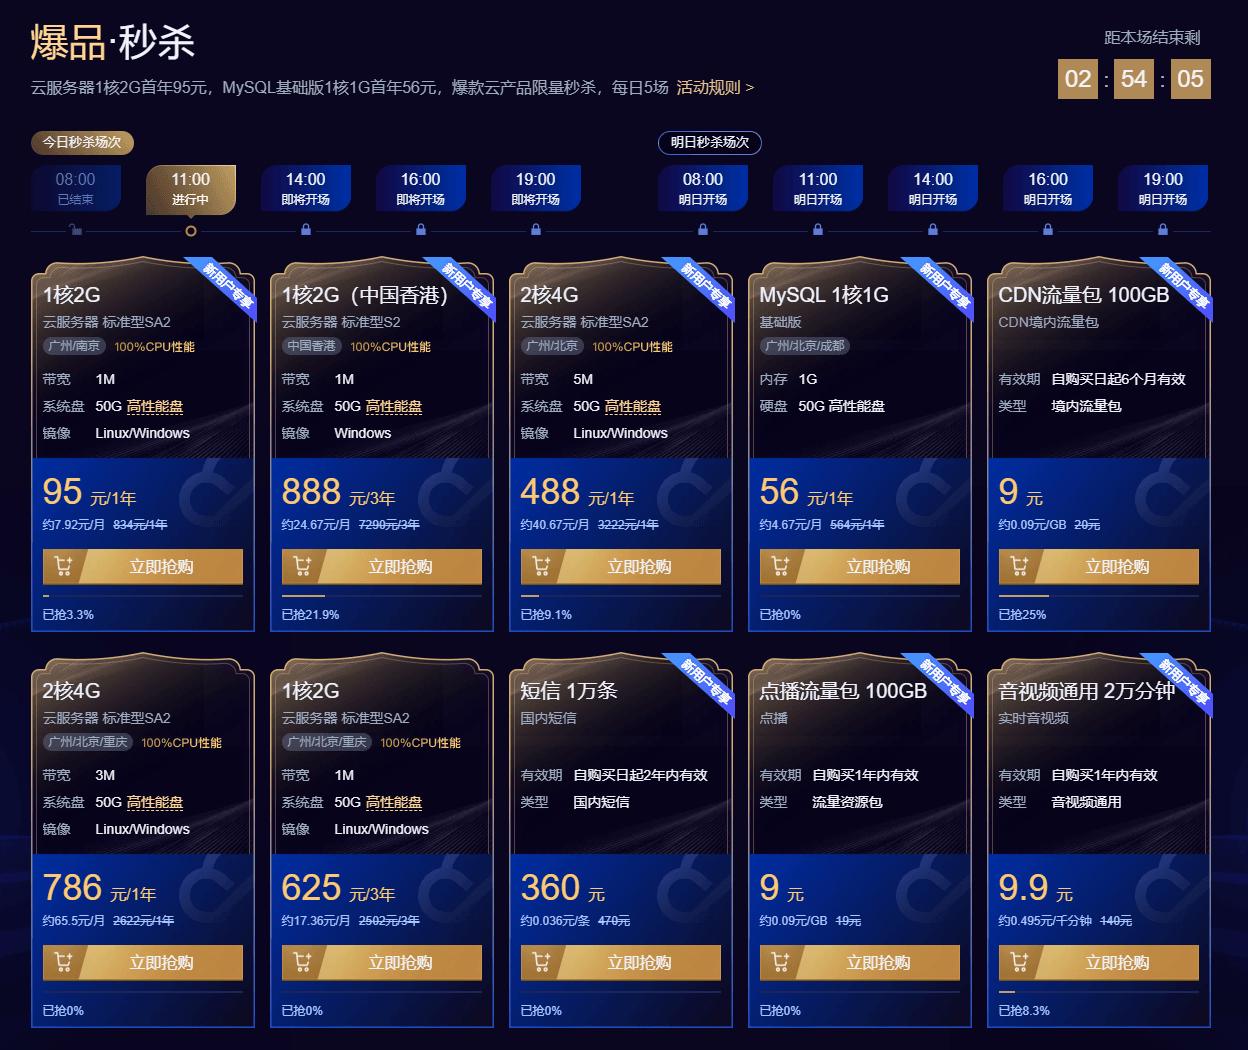 腾讯云95元1年云服务器